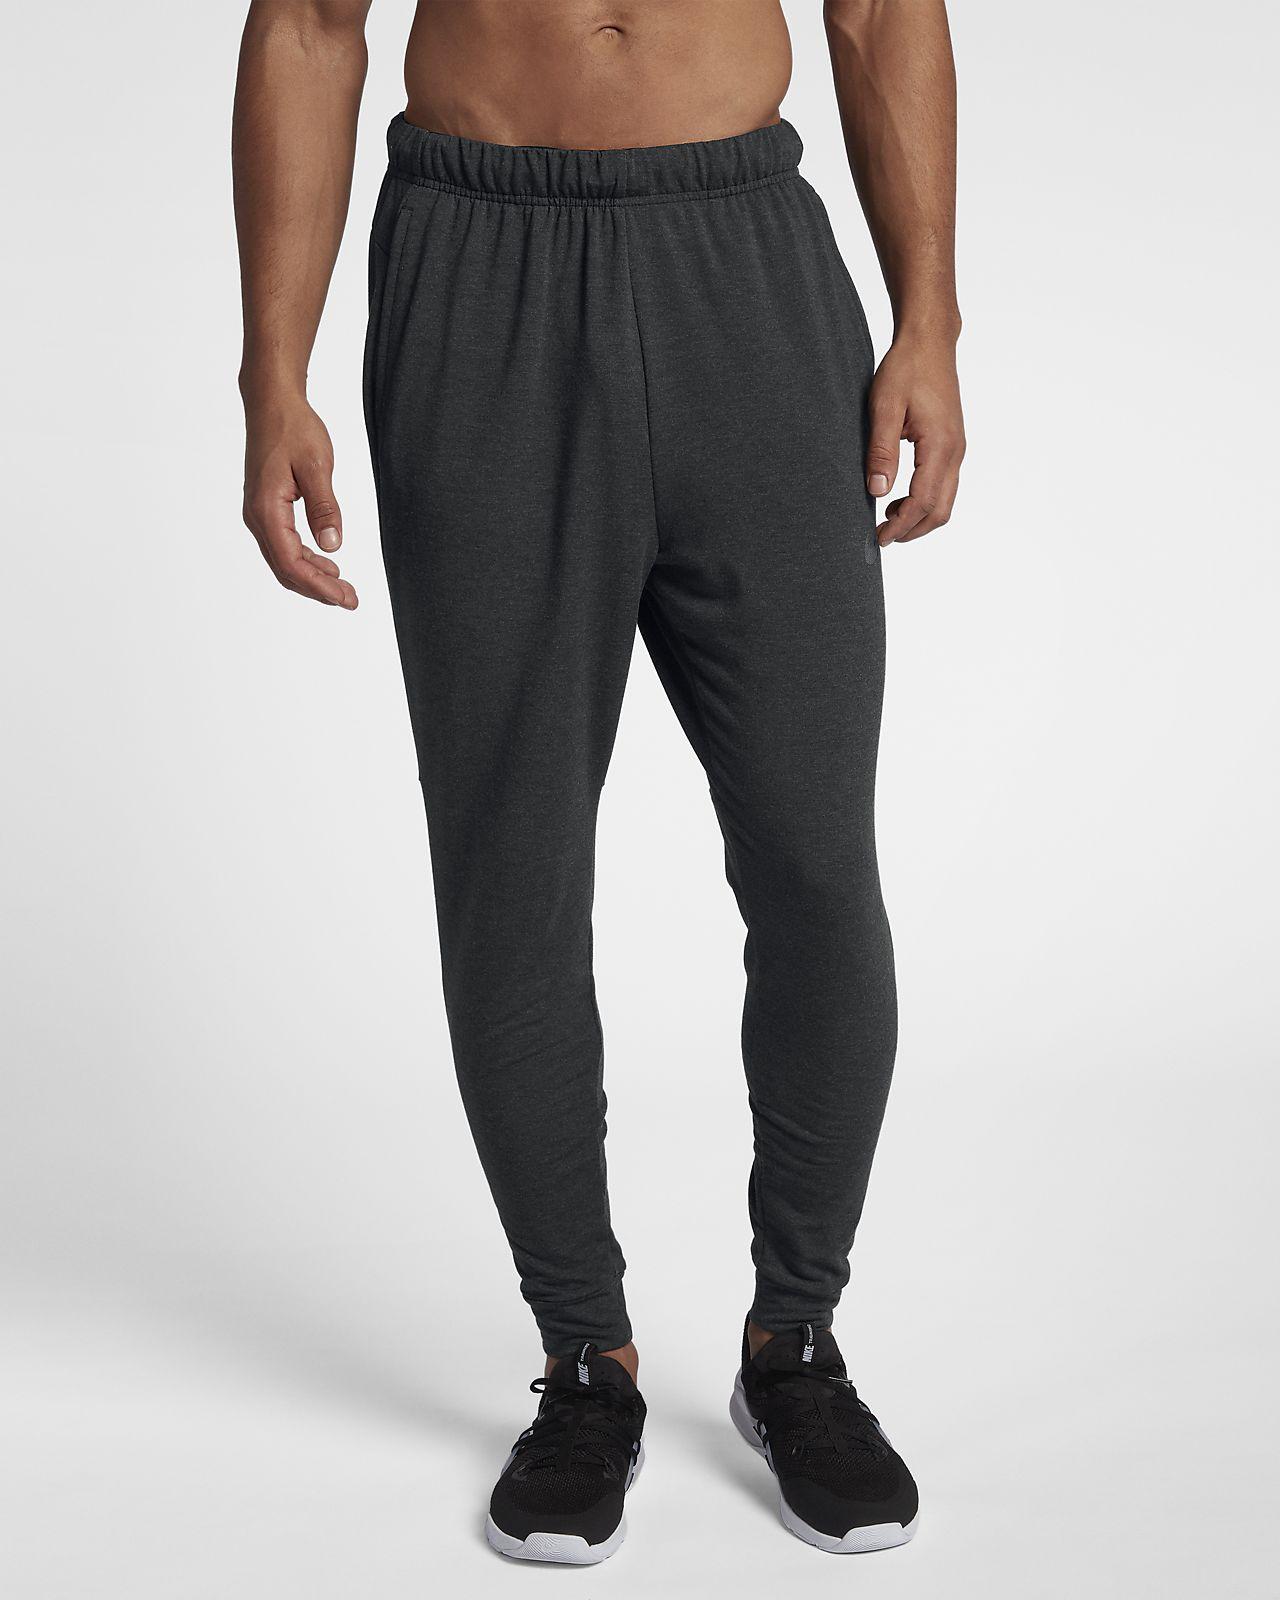 กางเกงเทรนนิ่งผู้ชาย Nike Dri-FIT